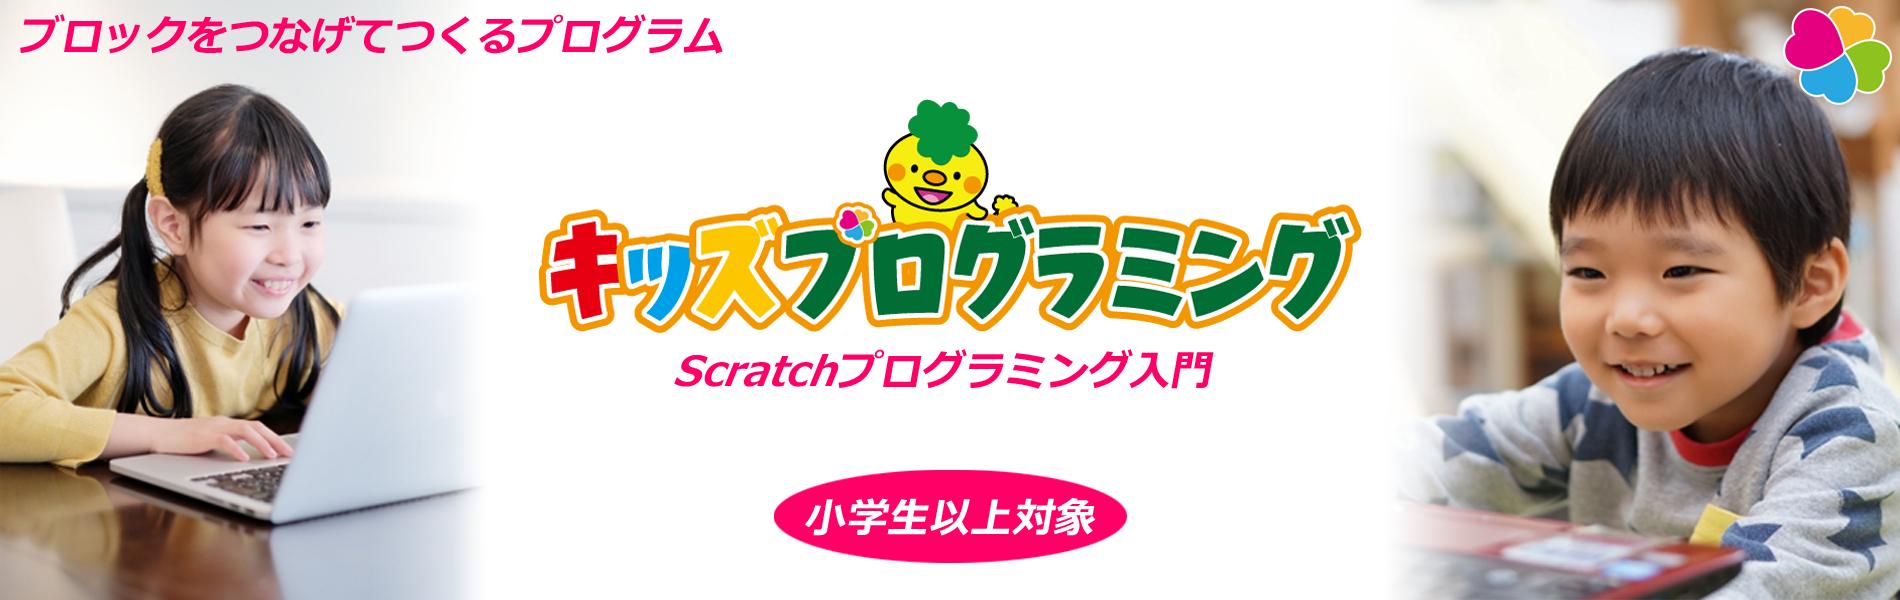 子ども向けプログラミング教室(Scratch)